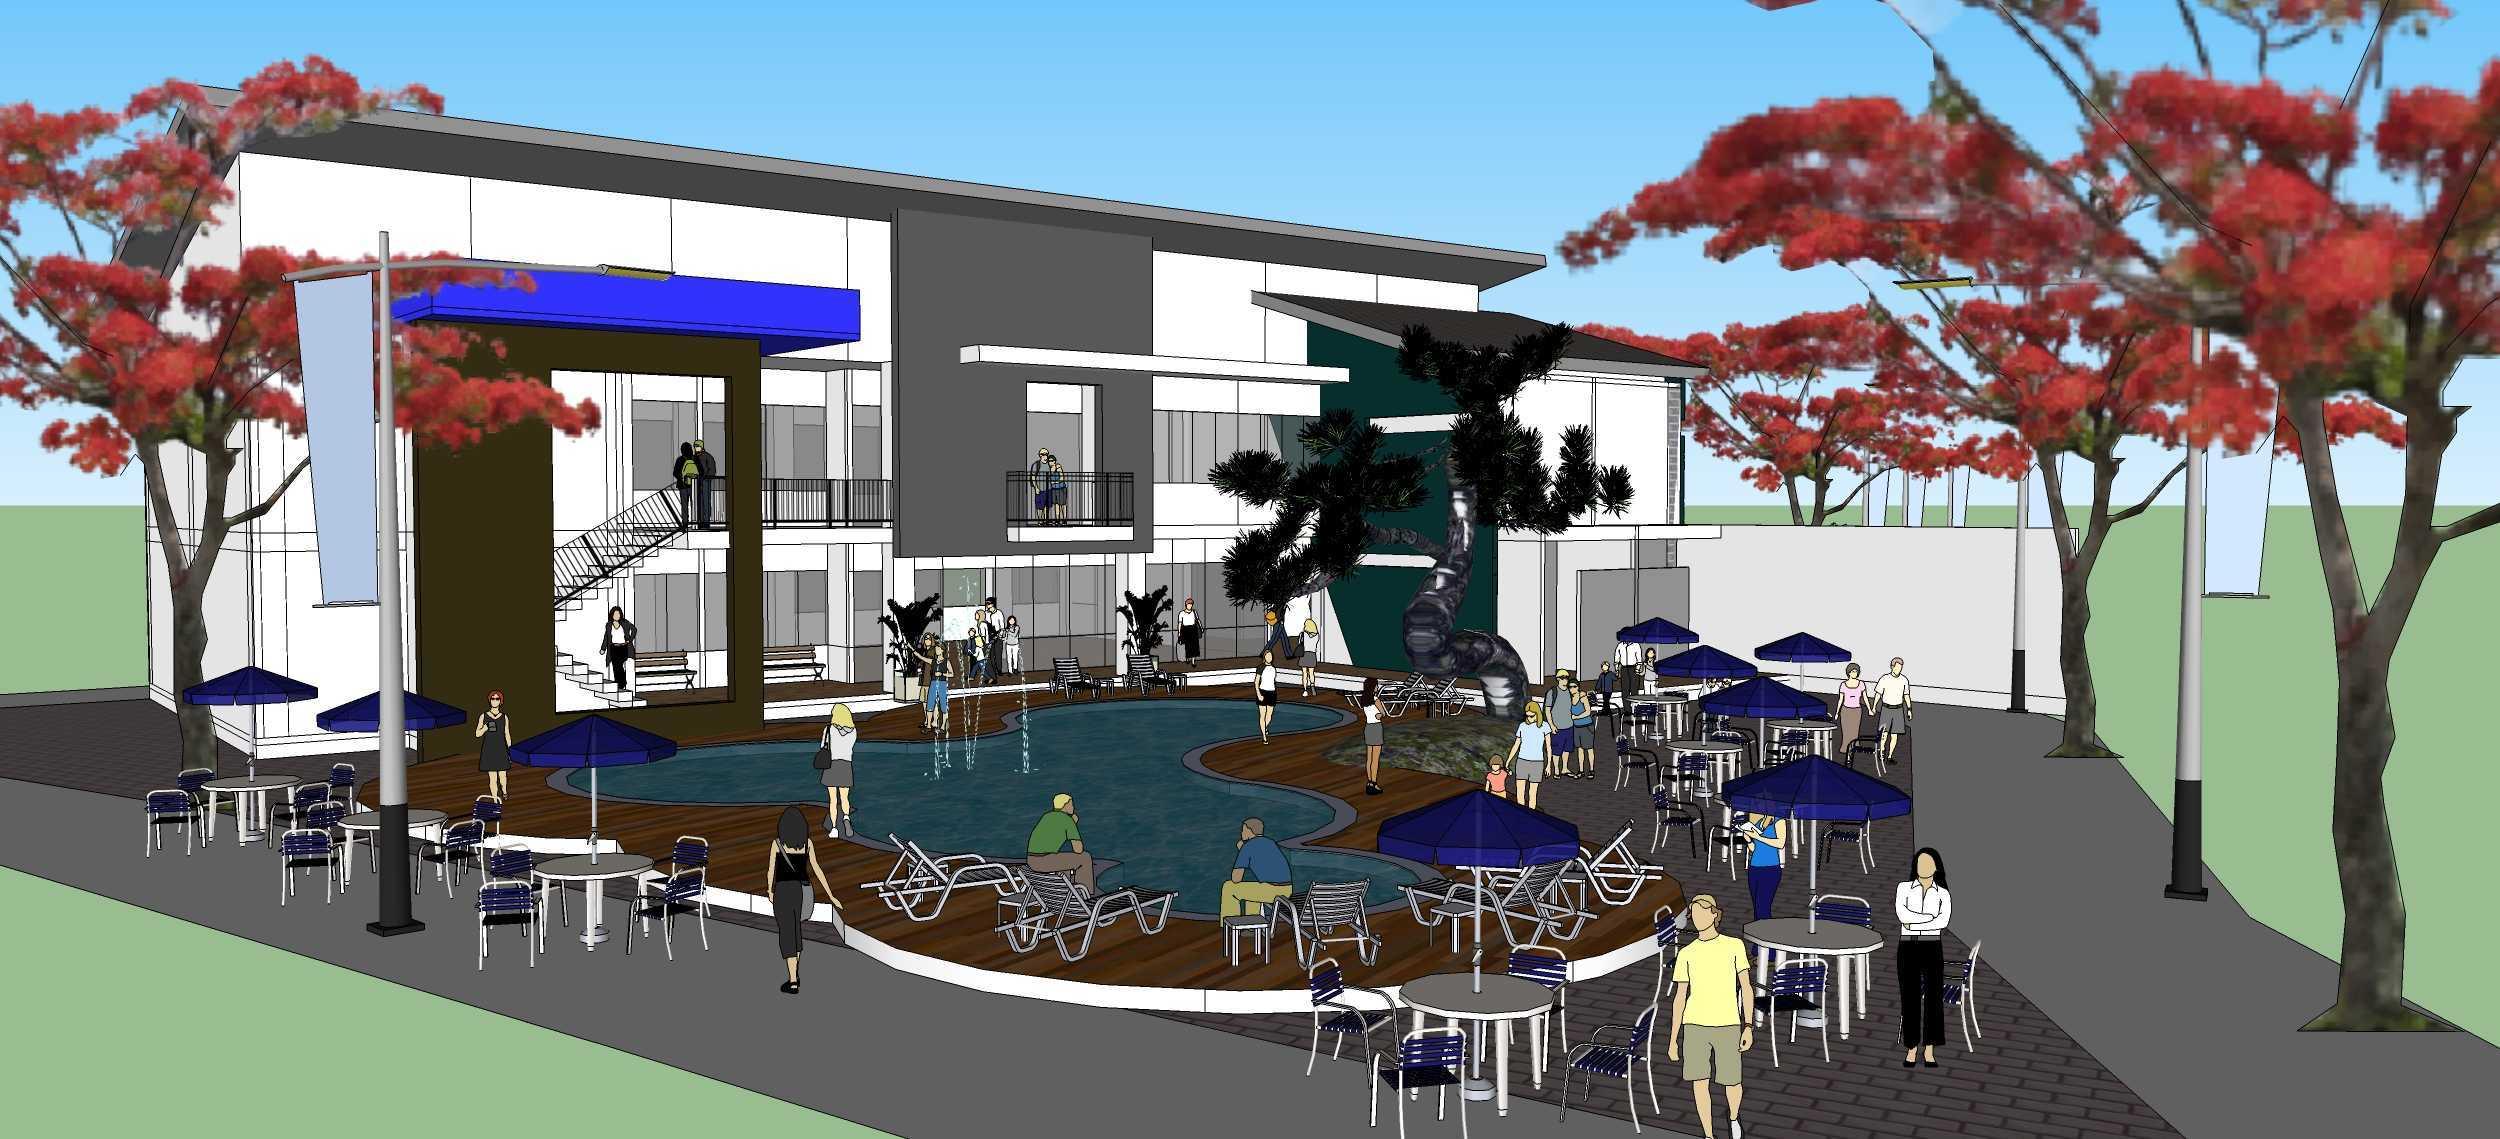 Wicaksono Pandyo Prasasto Hollywood Square Bogor, Jawa Barat Bogor, Jawa Barat Swimming Pool Area   27011